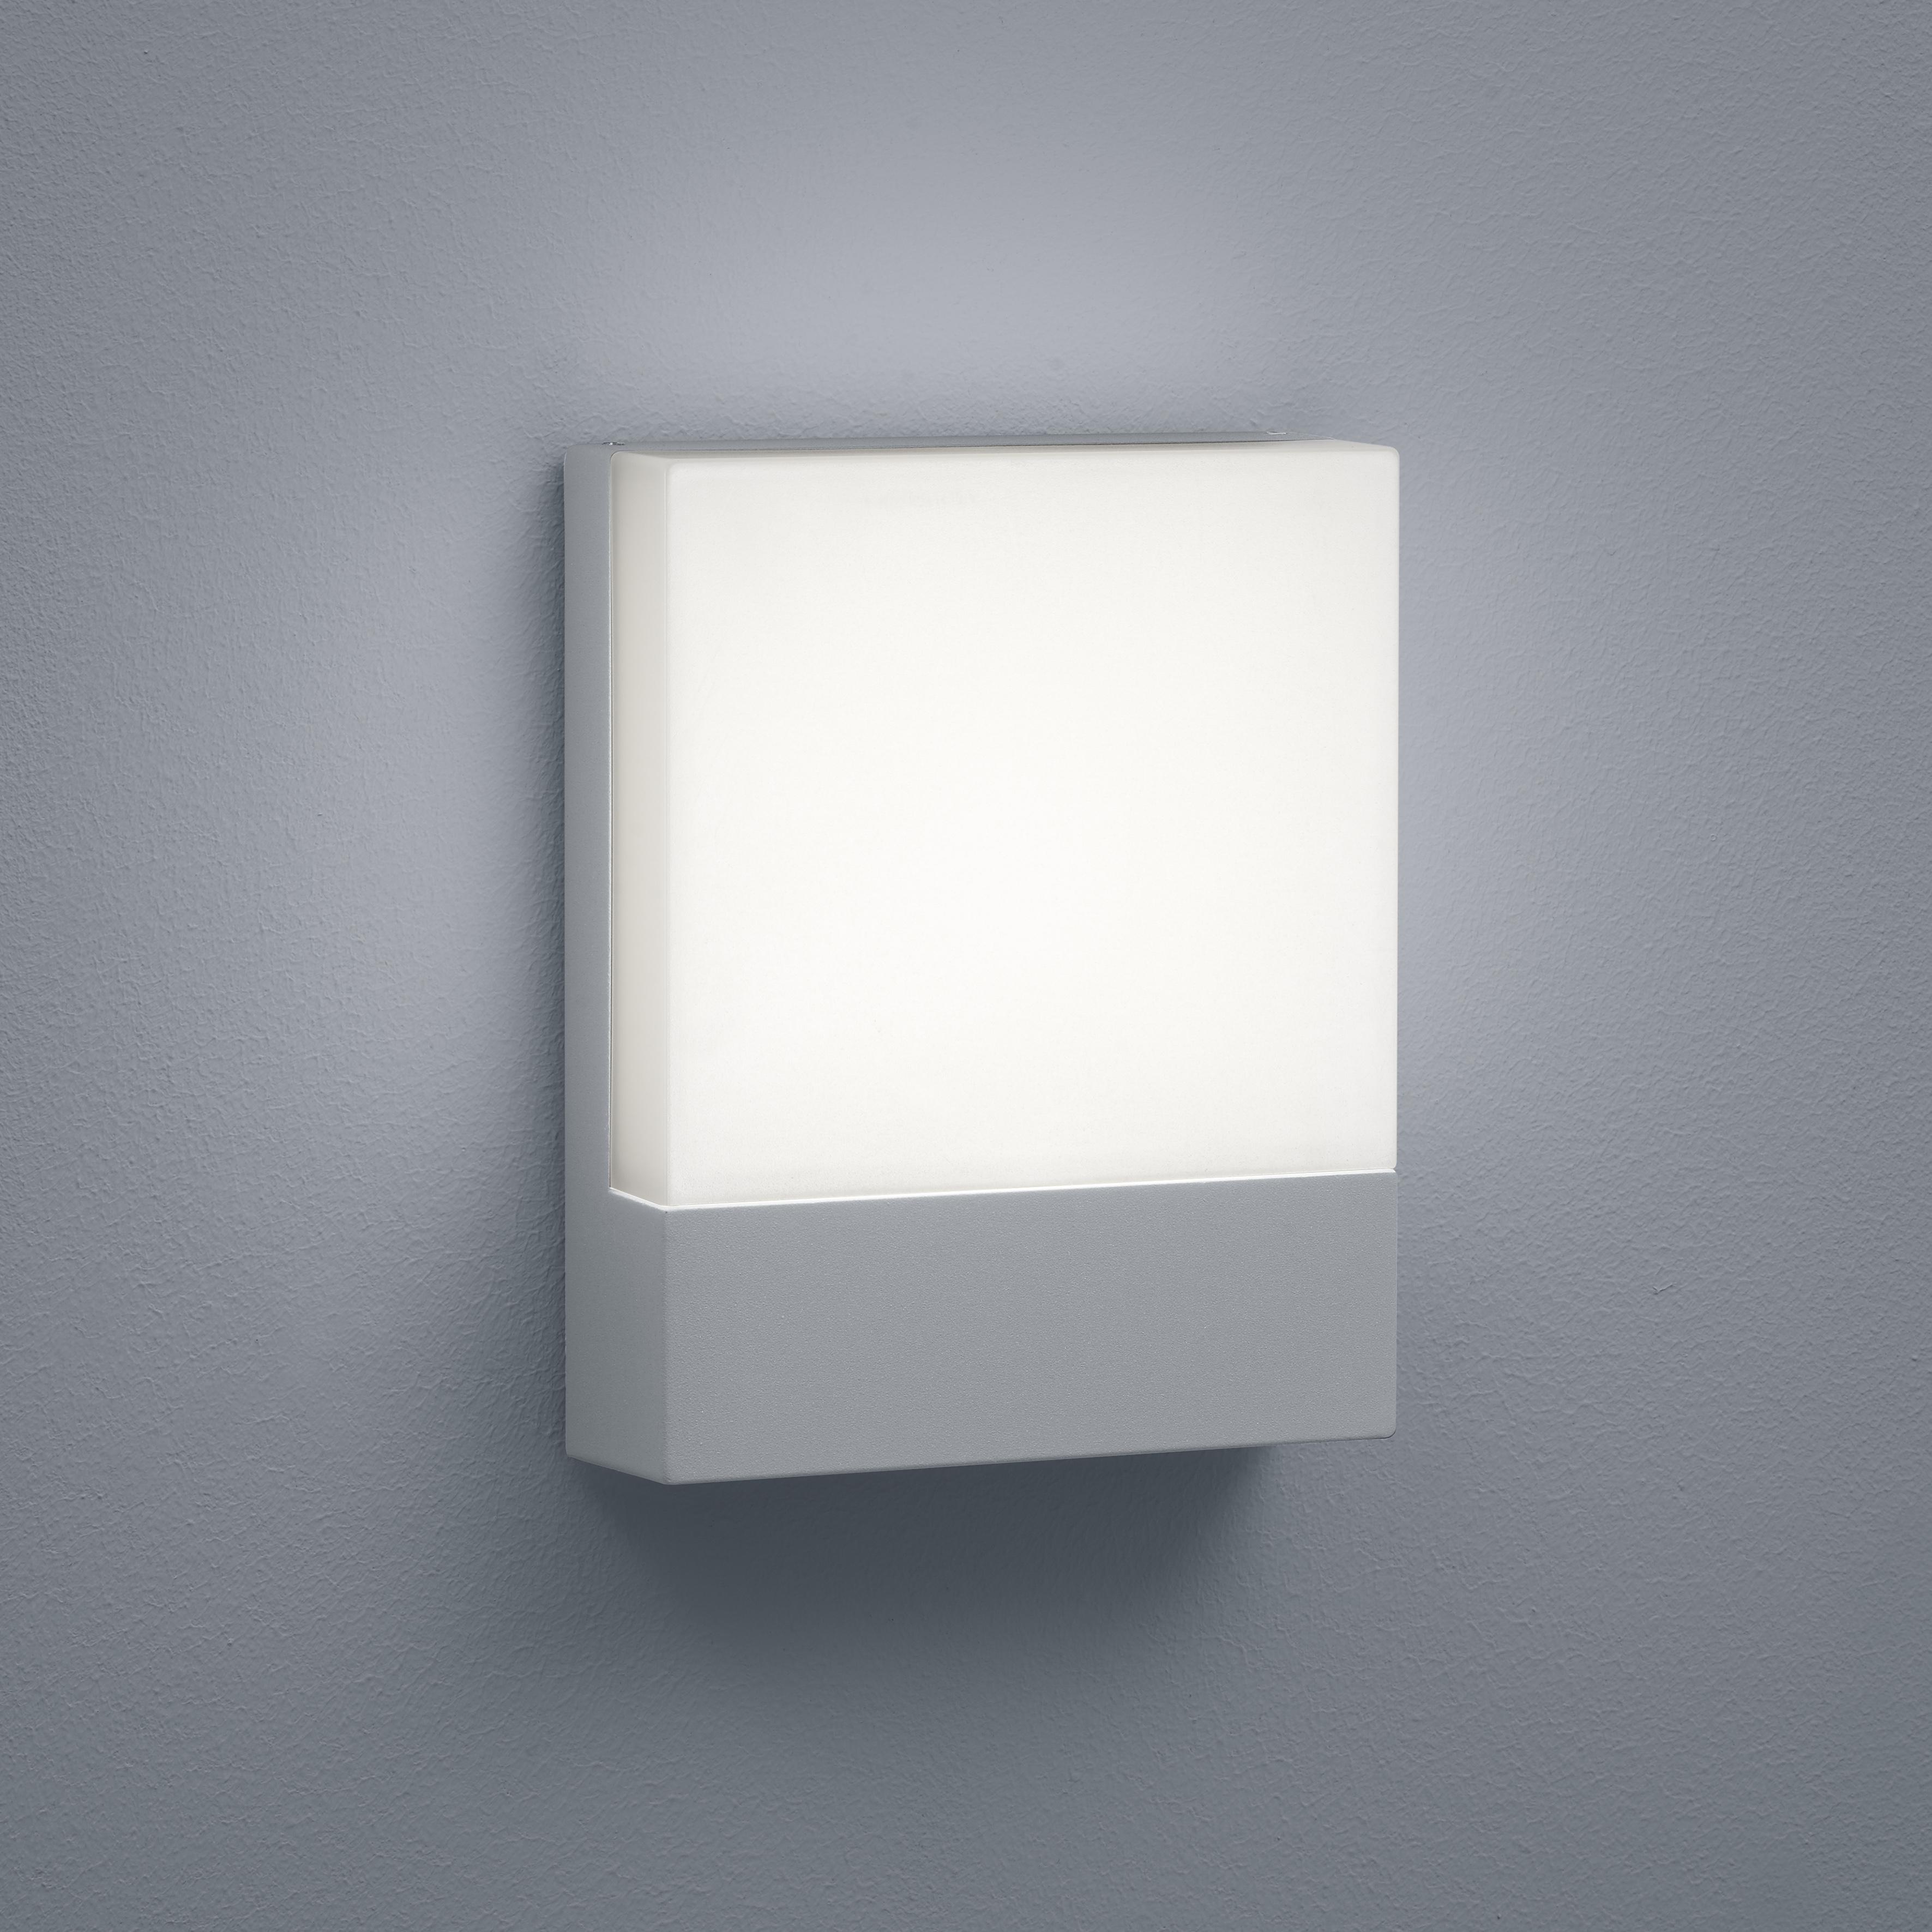 Wandleuchten von Helestra Leuchten REEF LED - Außenleuchte A18505.46